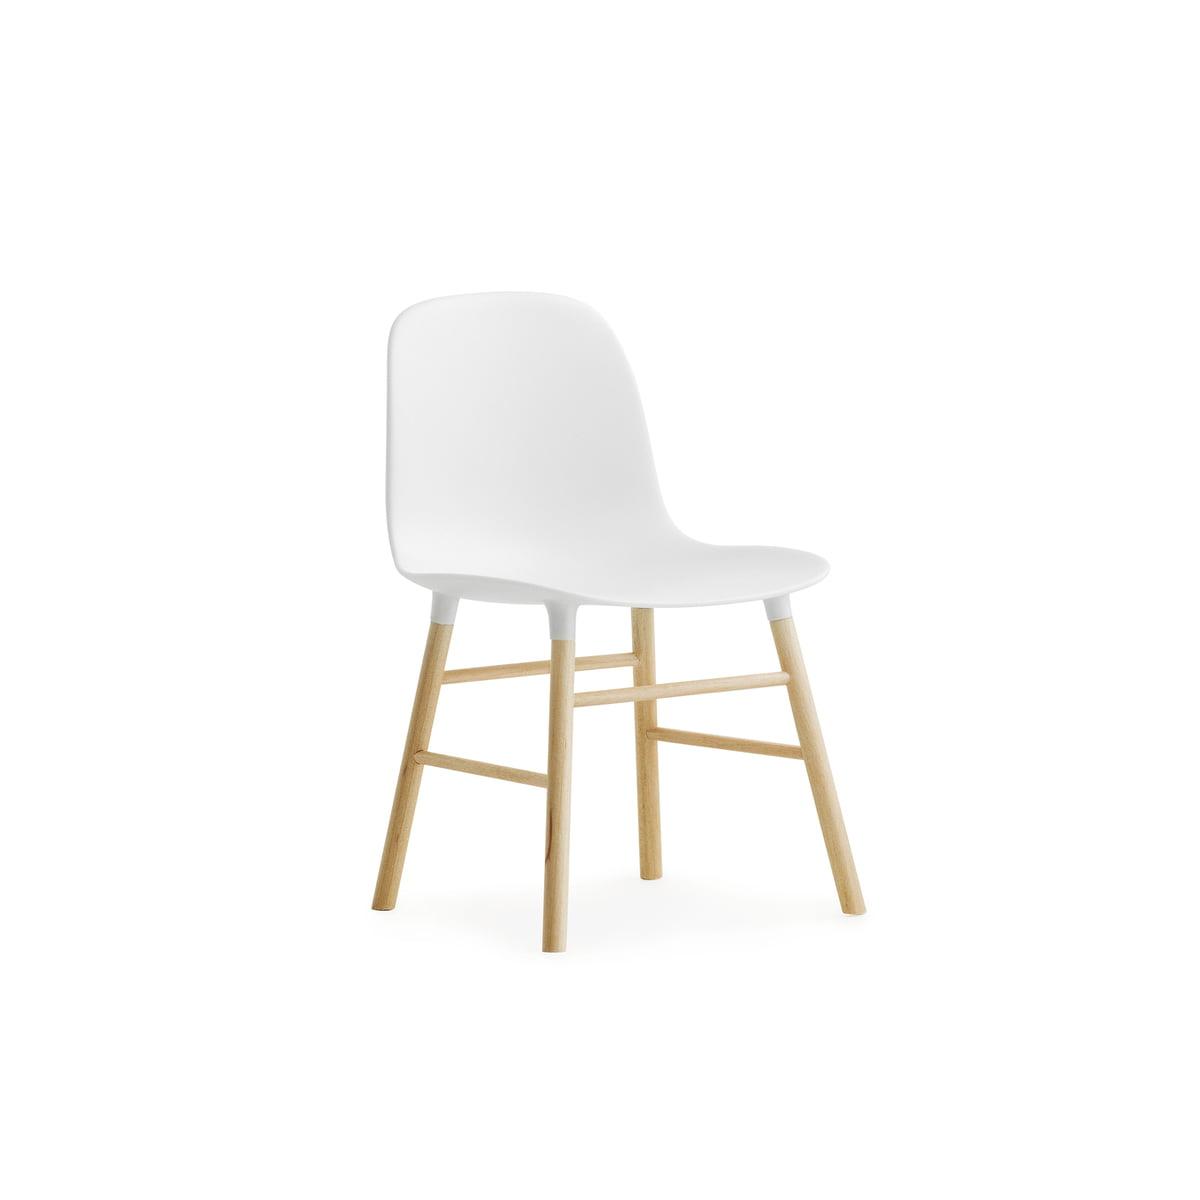 Form Chair Miniatur von Normann Copenhagen